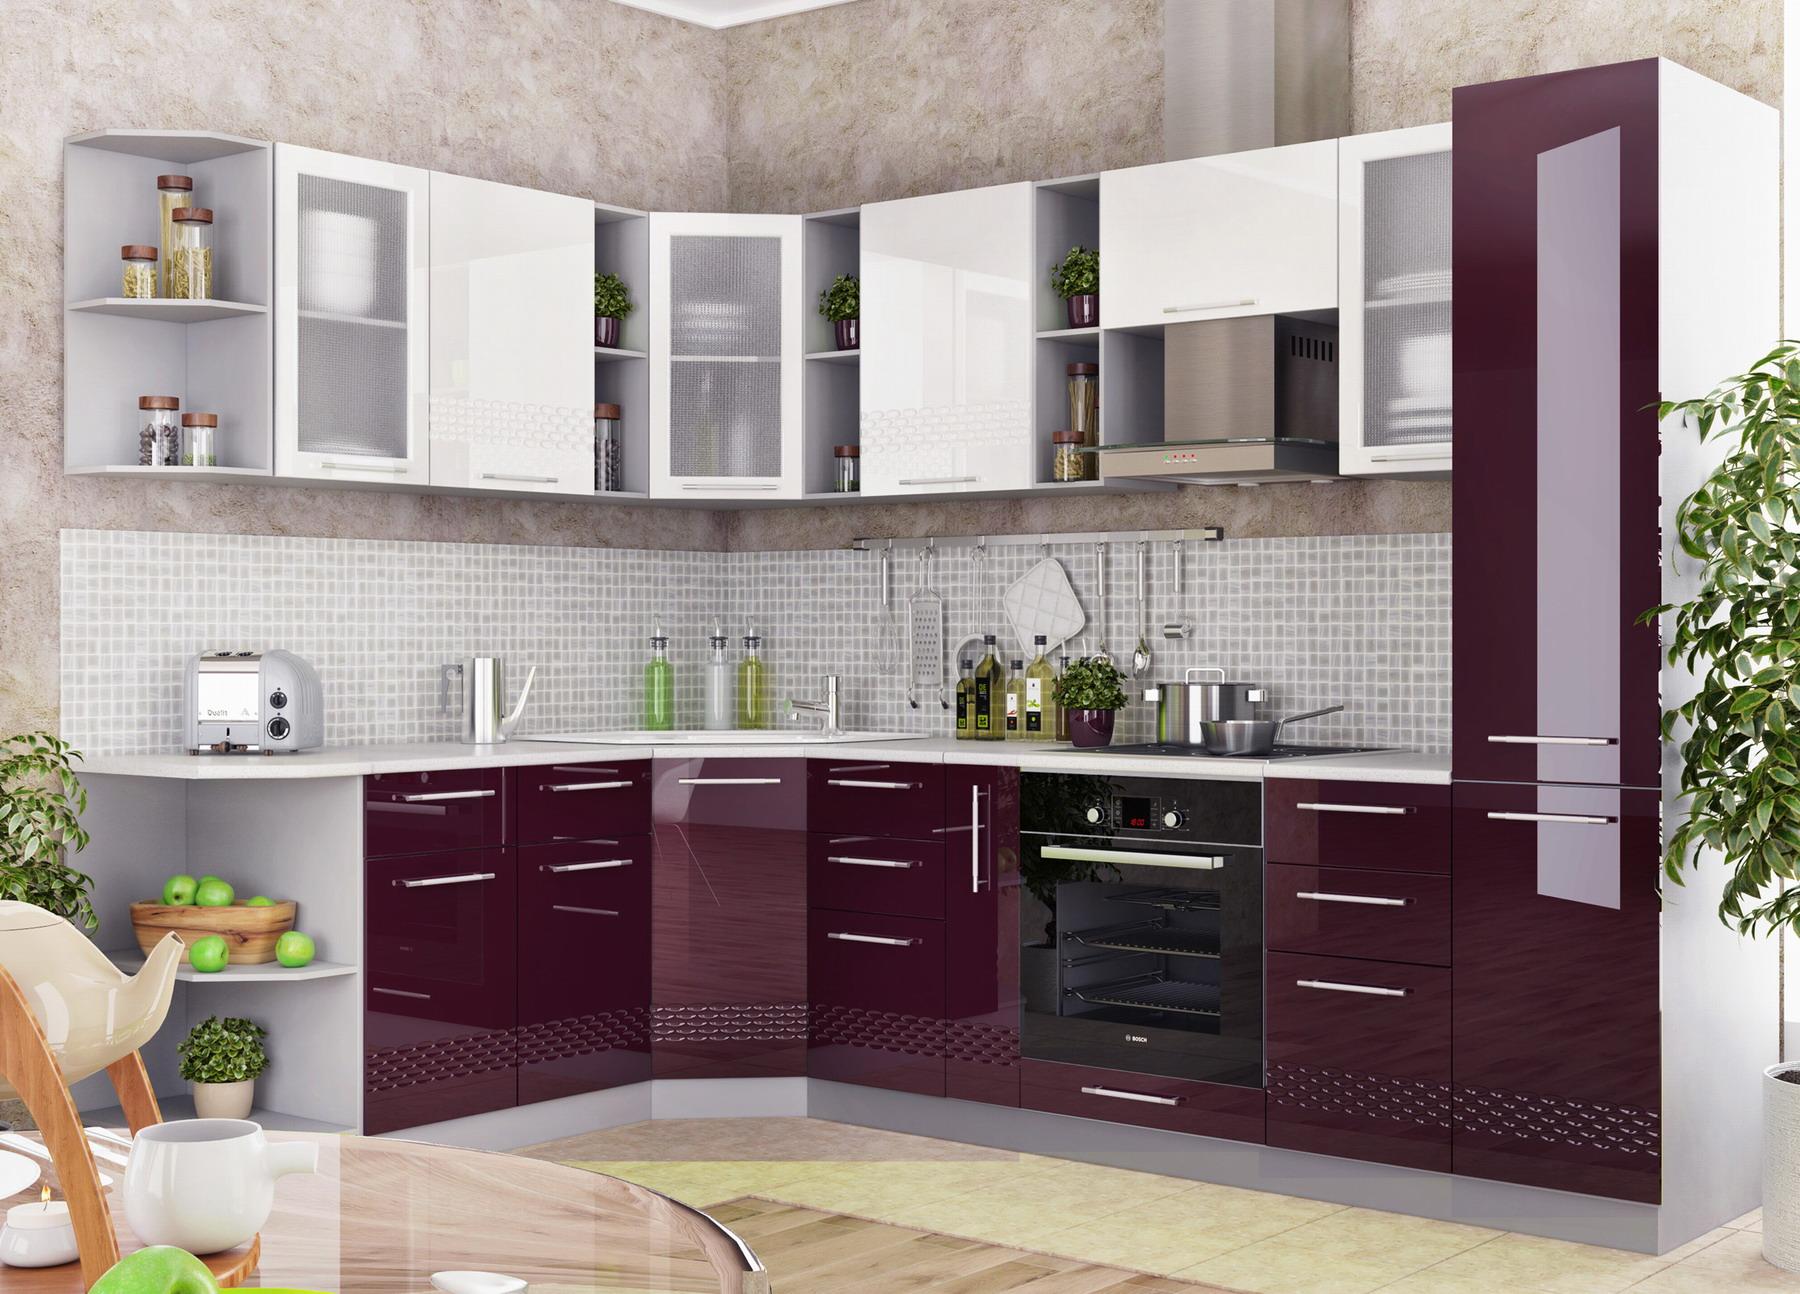 Кухня Капля 3D СУ 850*850 Шкаф нижний угловой петли справа